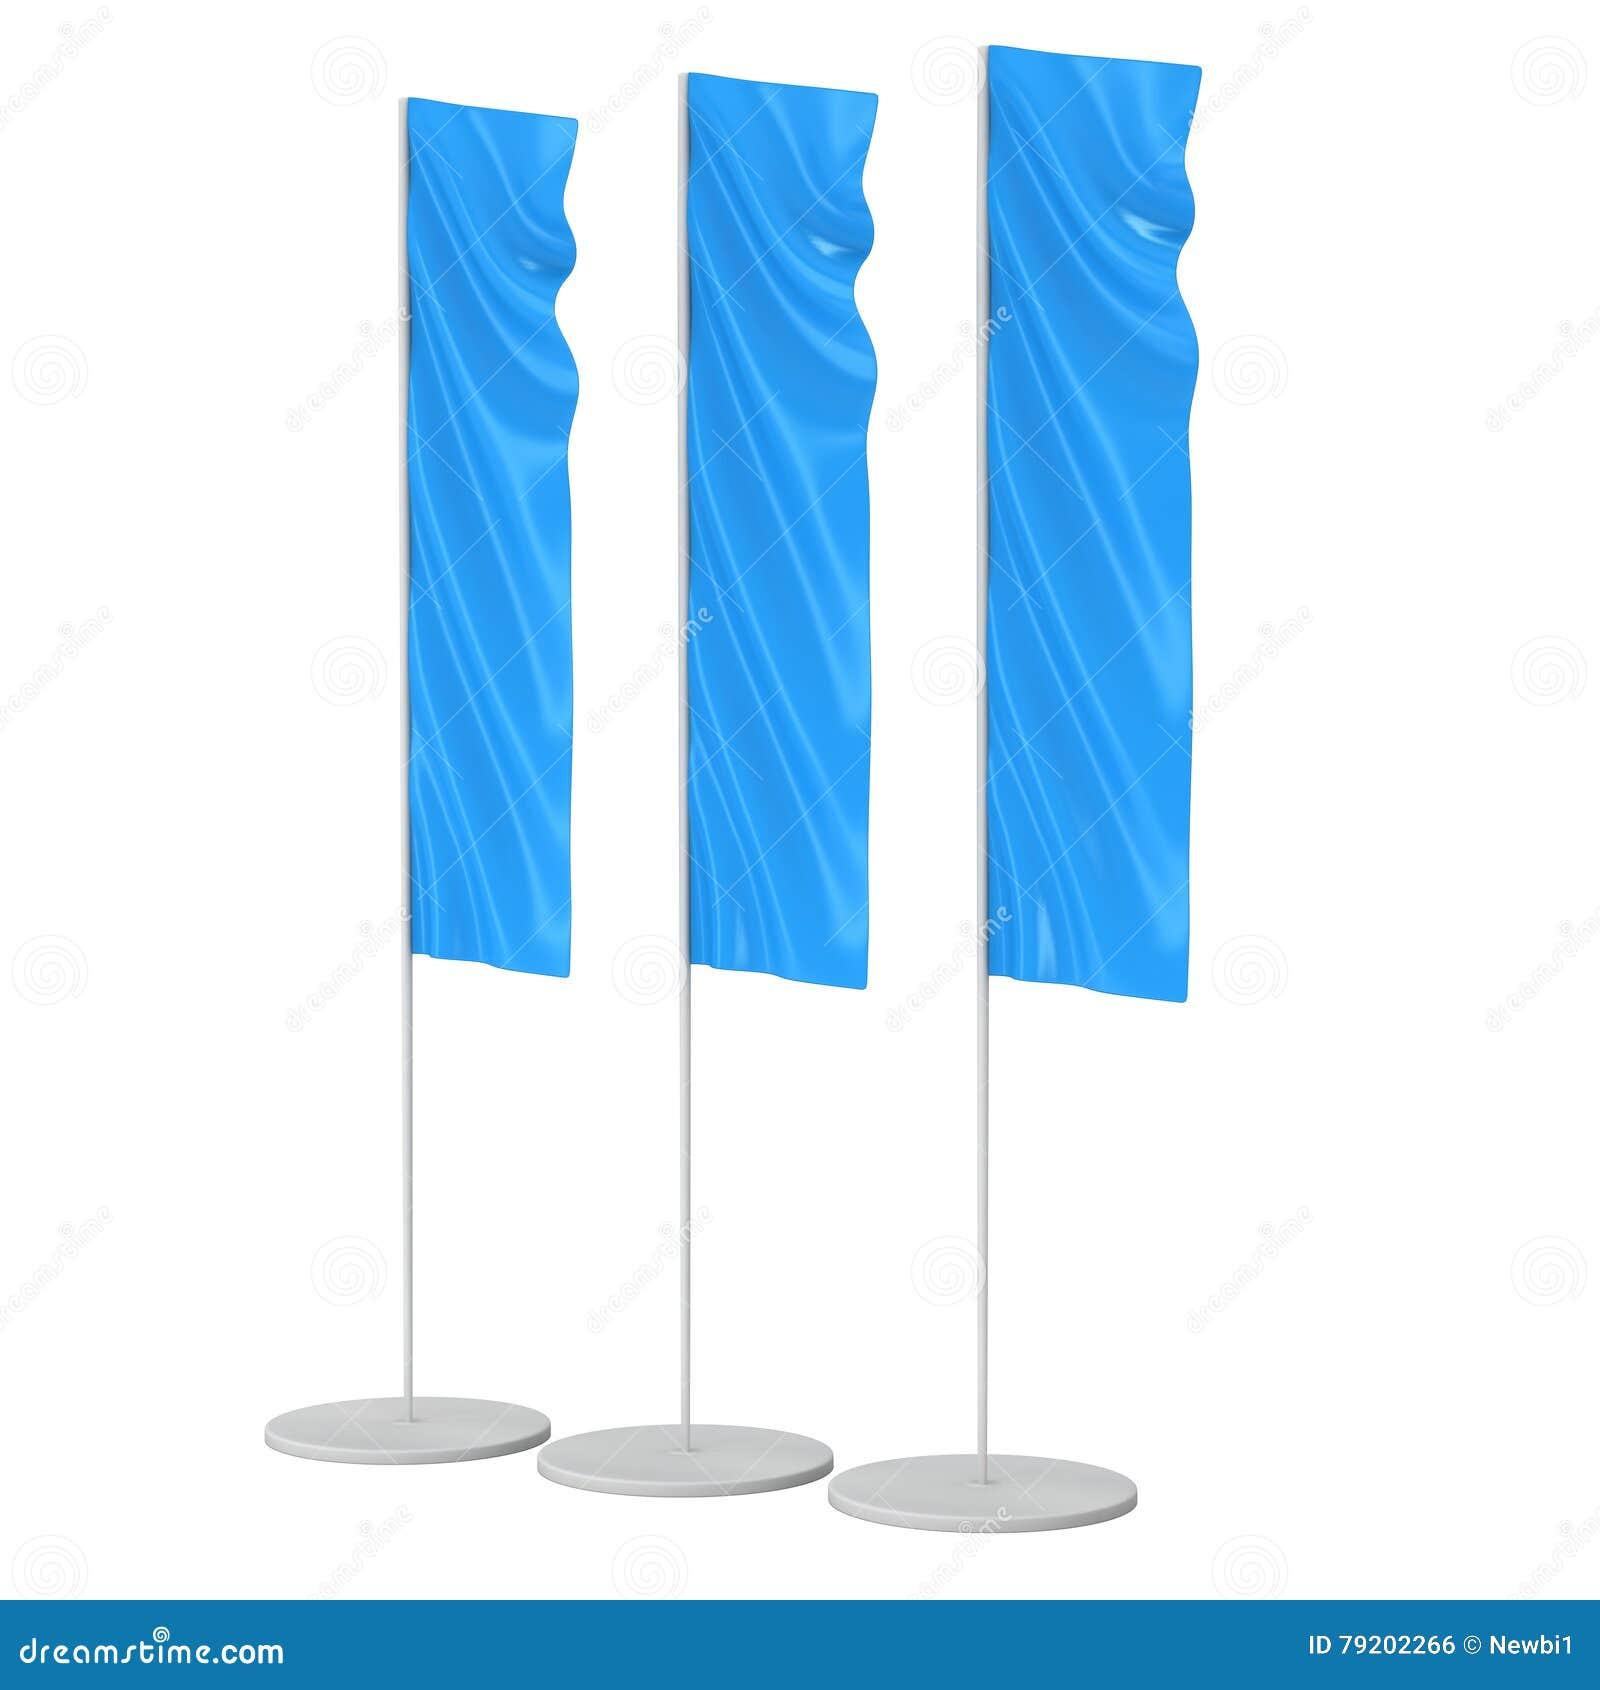 blauer sumpf schwertlilie leerer ausstellungs fahnen stand stock abbildung bild 79202266. Black Bedroom Furniture Sets. Home Design Ideas